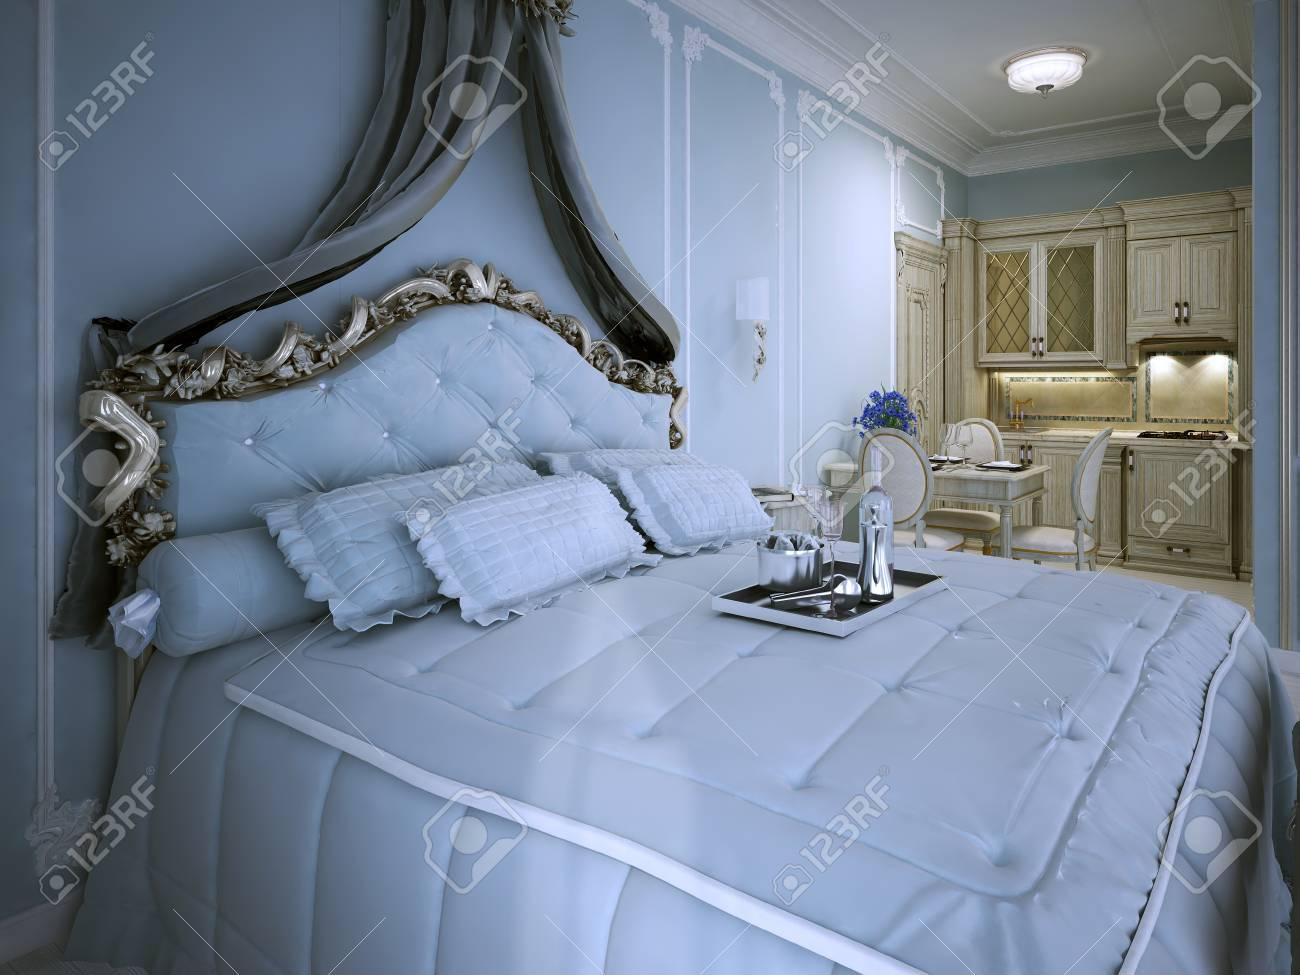 Schlafzimmer Studio Apartment In Blau. Fluffy Bett Im Luxus Design,  Silbertablett Mit